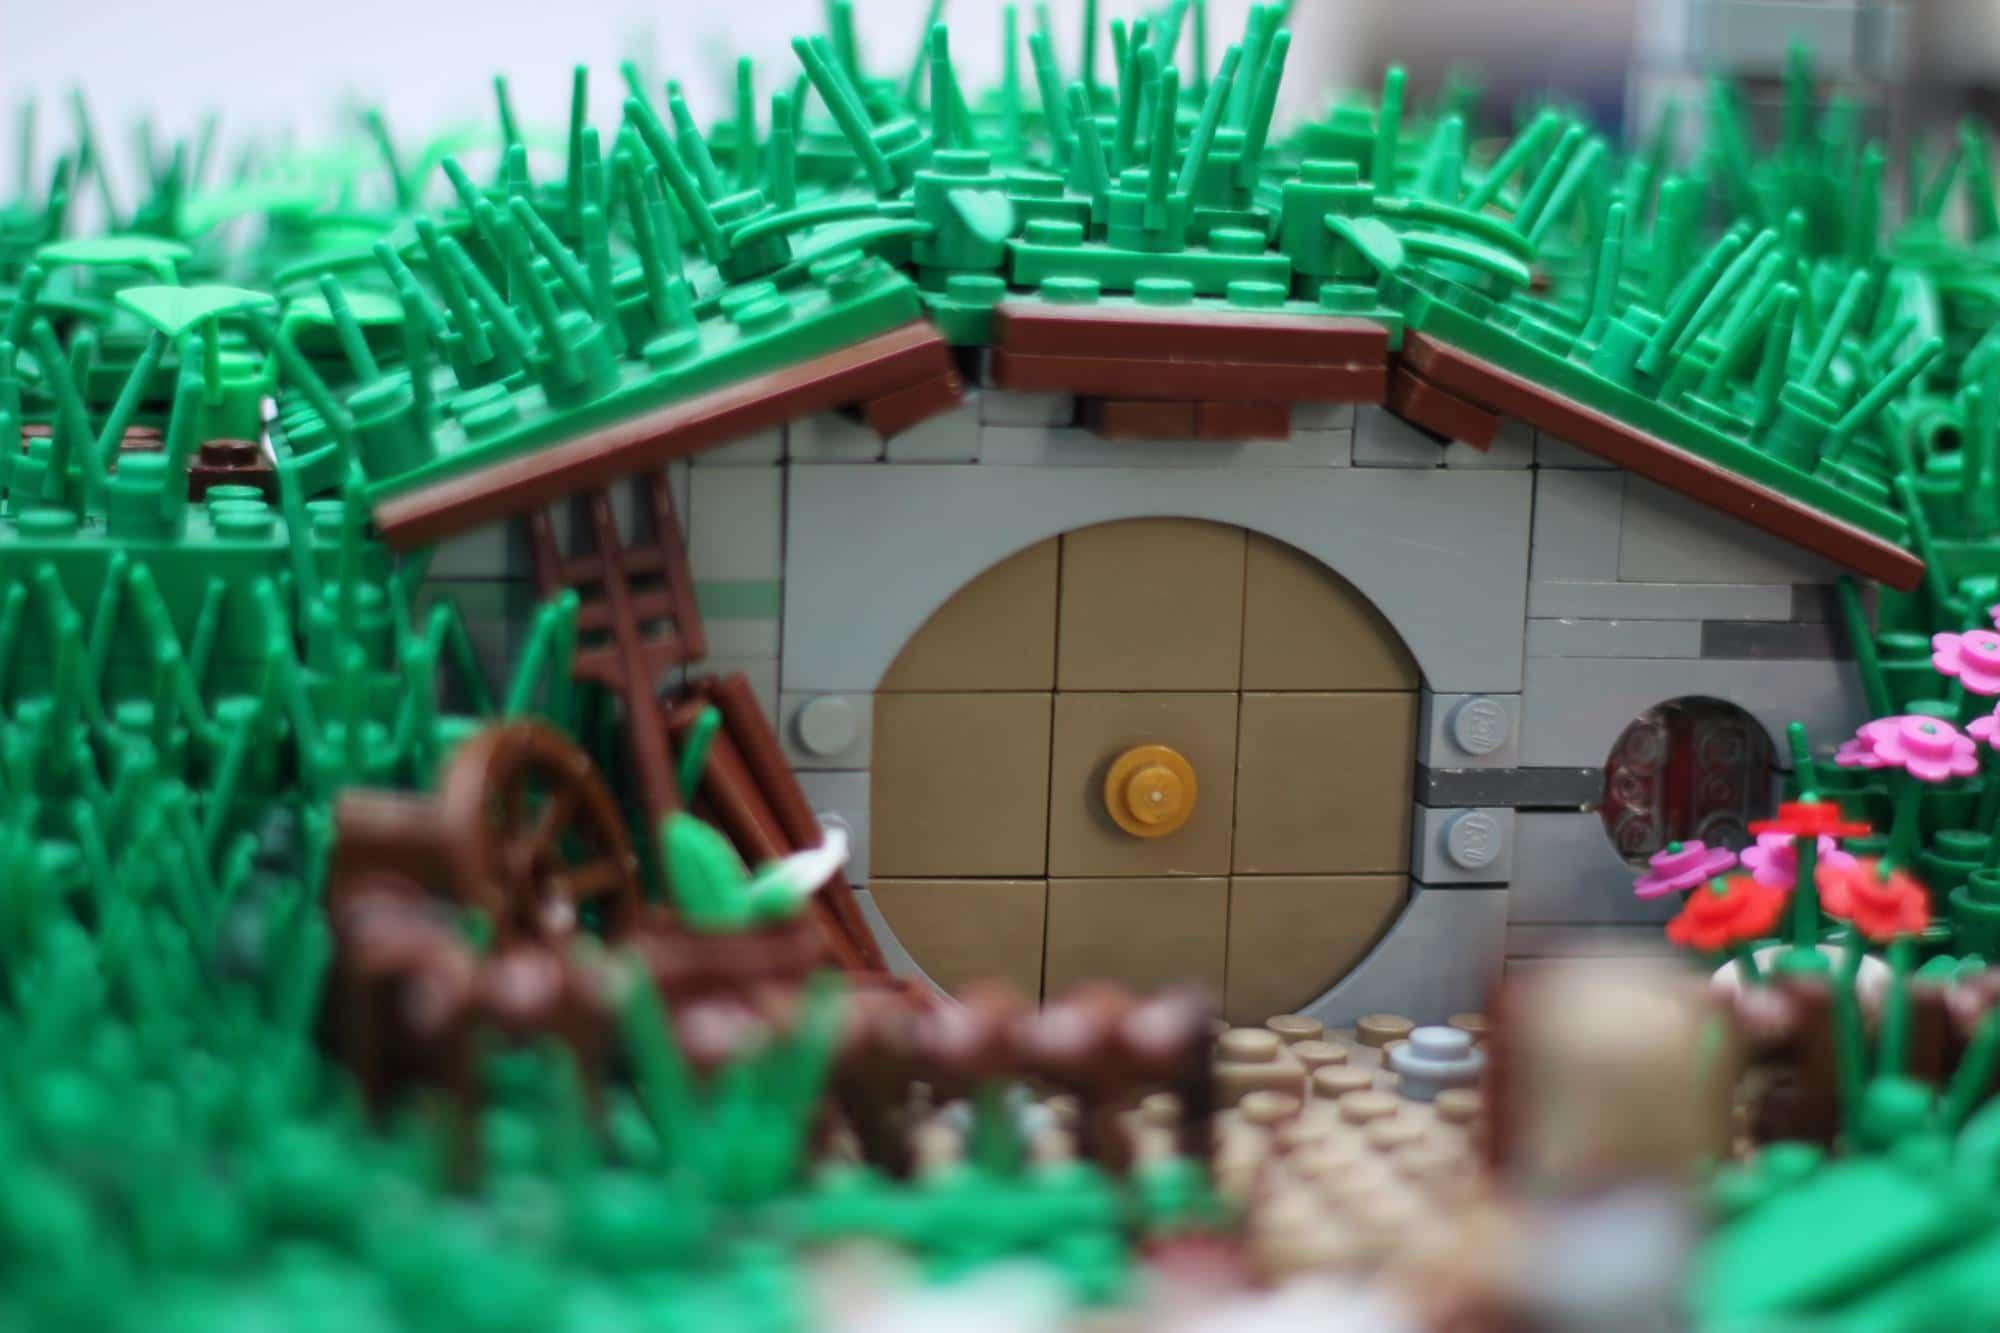 hobbit-hole-lego-build